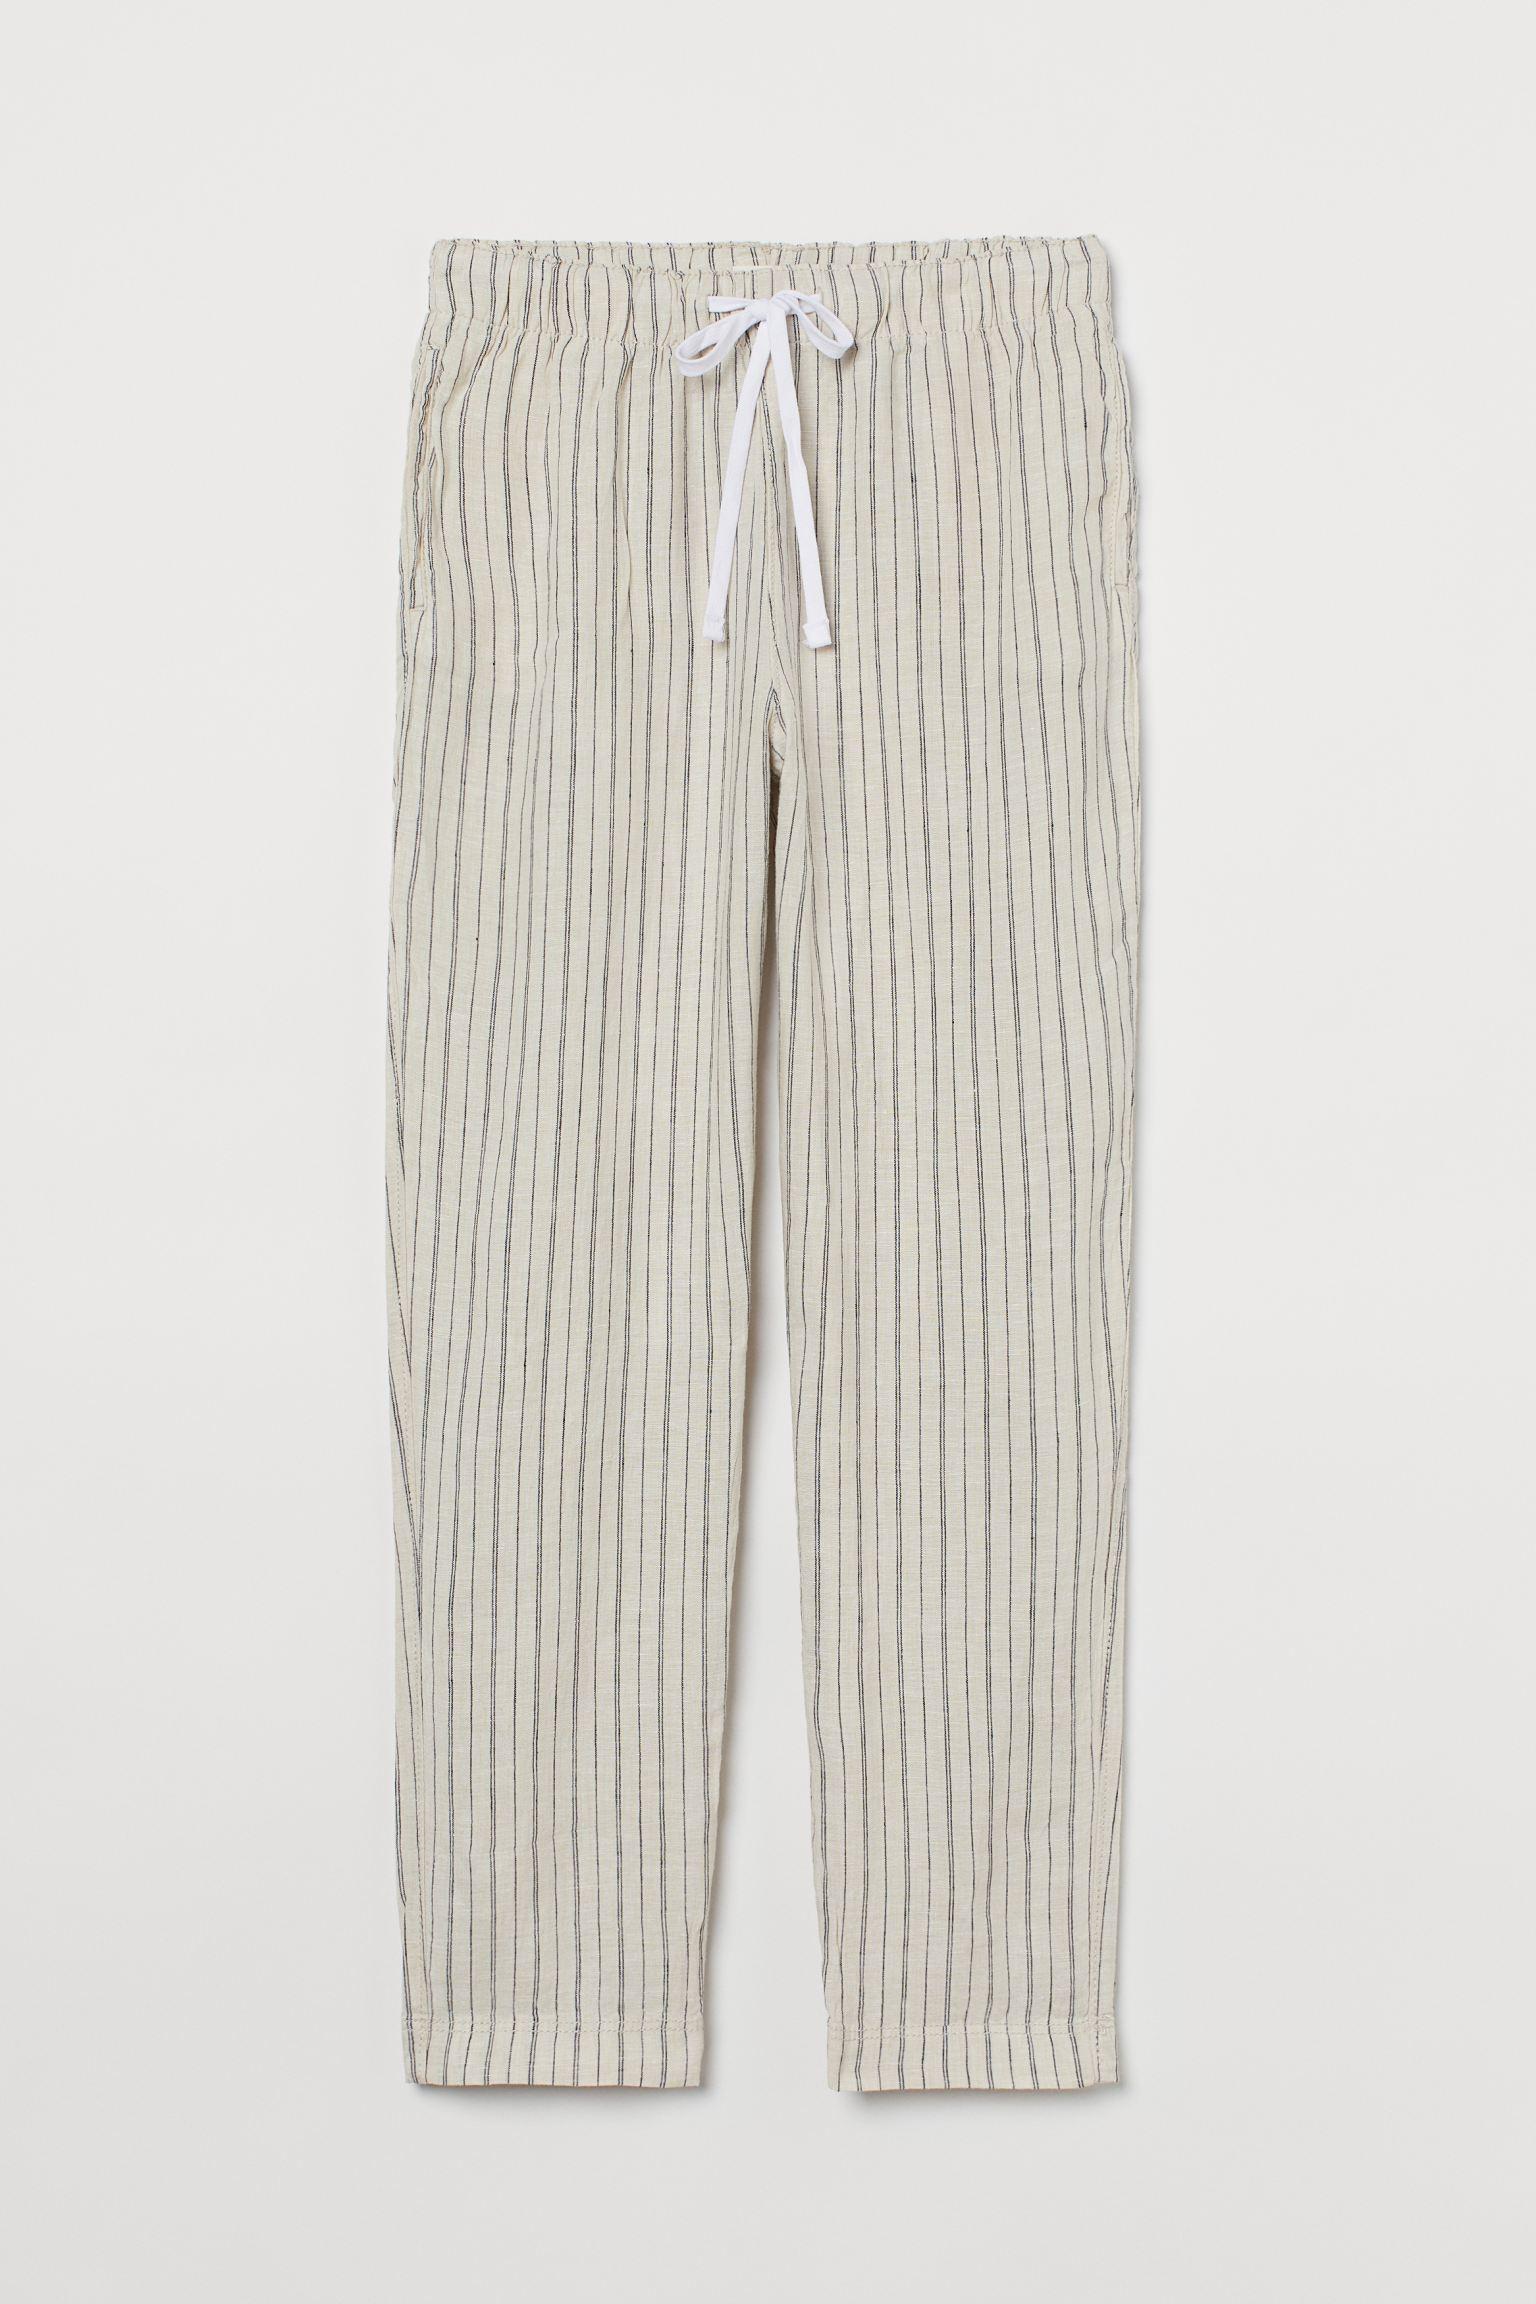 Joggers tobilleros en lino vaporoso. Modelo de corte relajado con cintura elástica de talle alto, cordón de ajuste y bolsillos al bies. Corte relajado.